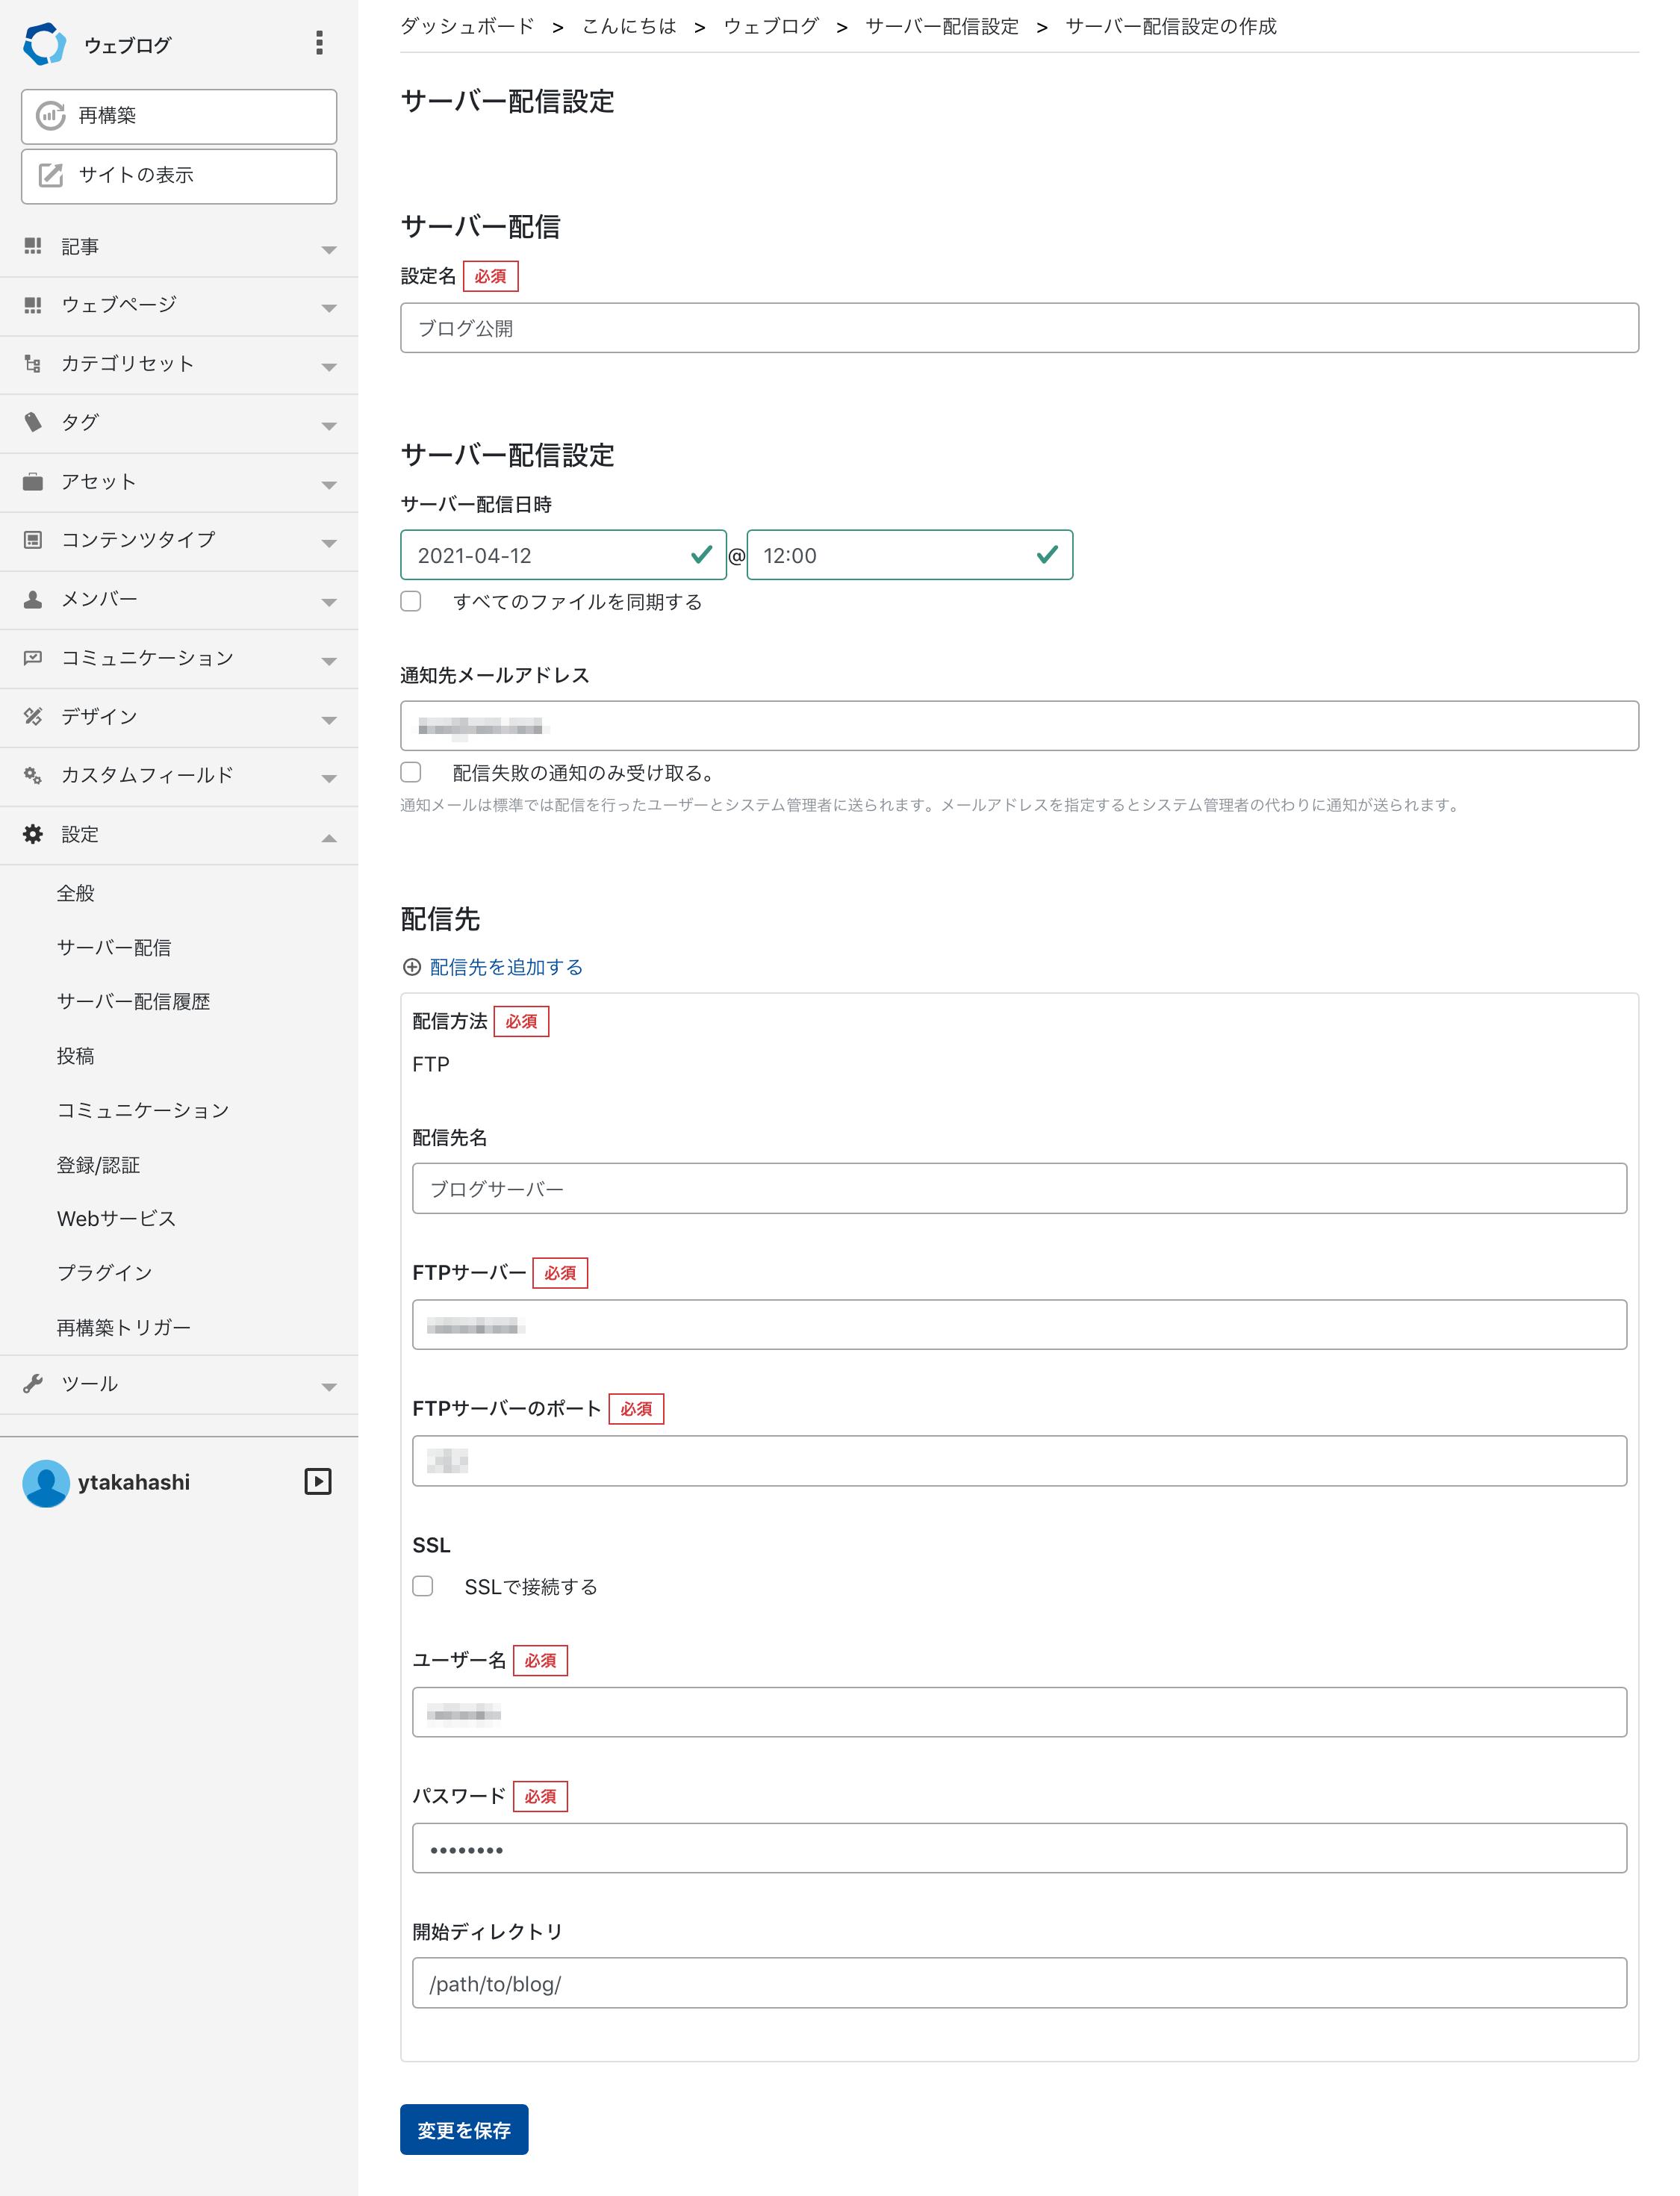 新しいサーバー配信設定を作成する